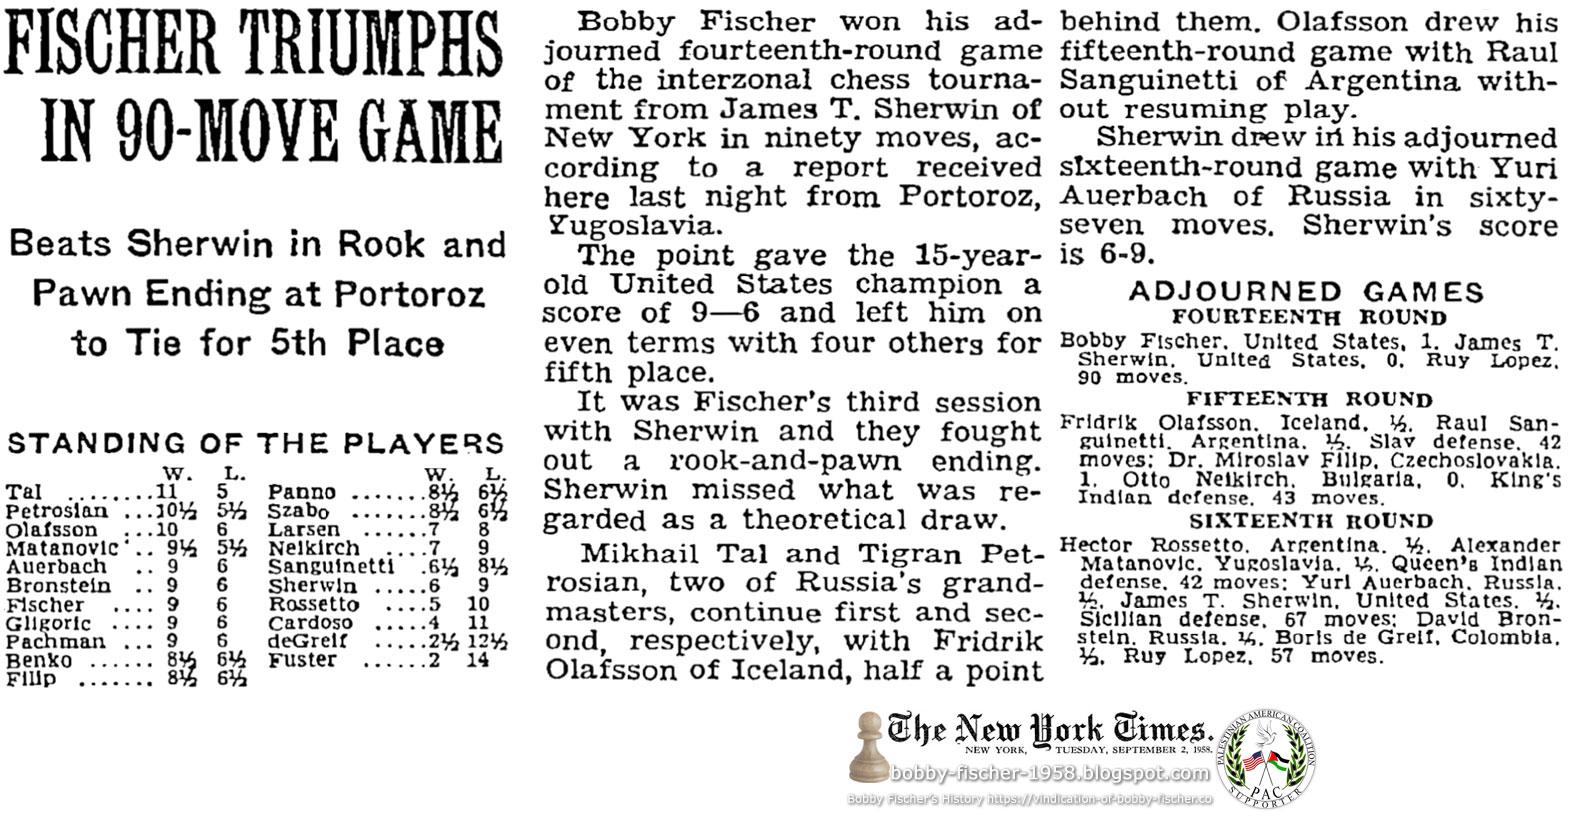 Fischer Triumphs In 90-Move Game